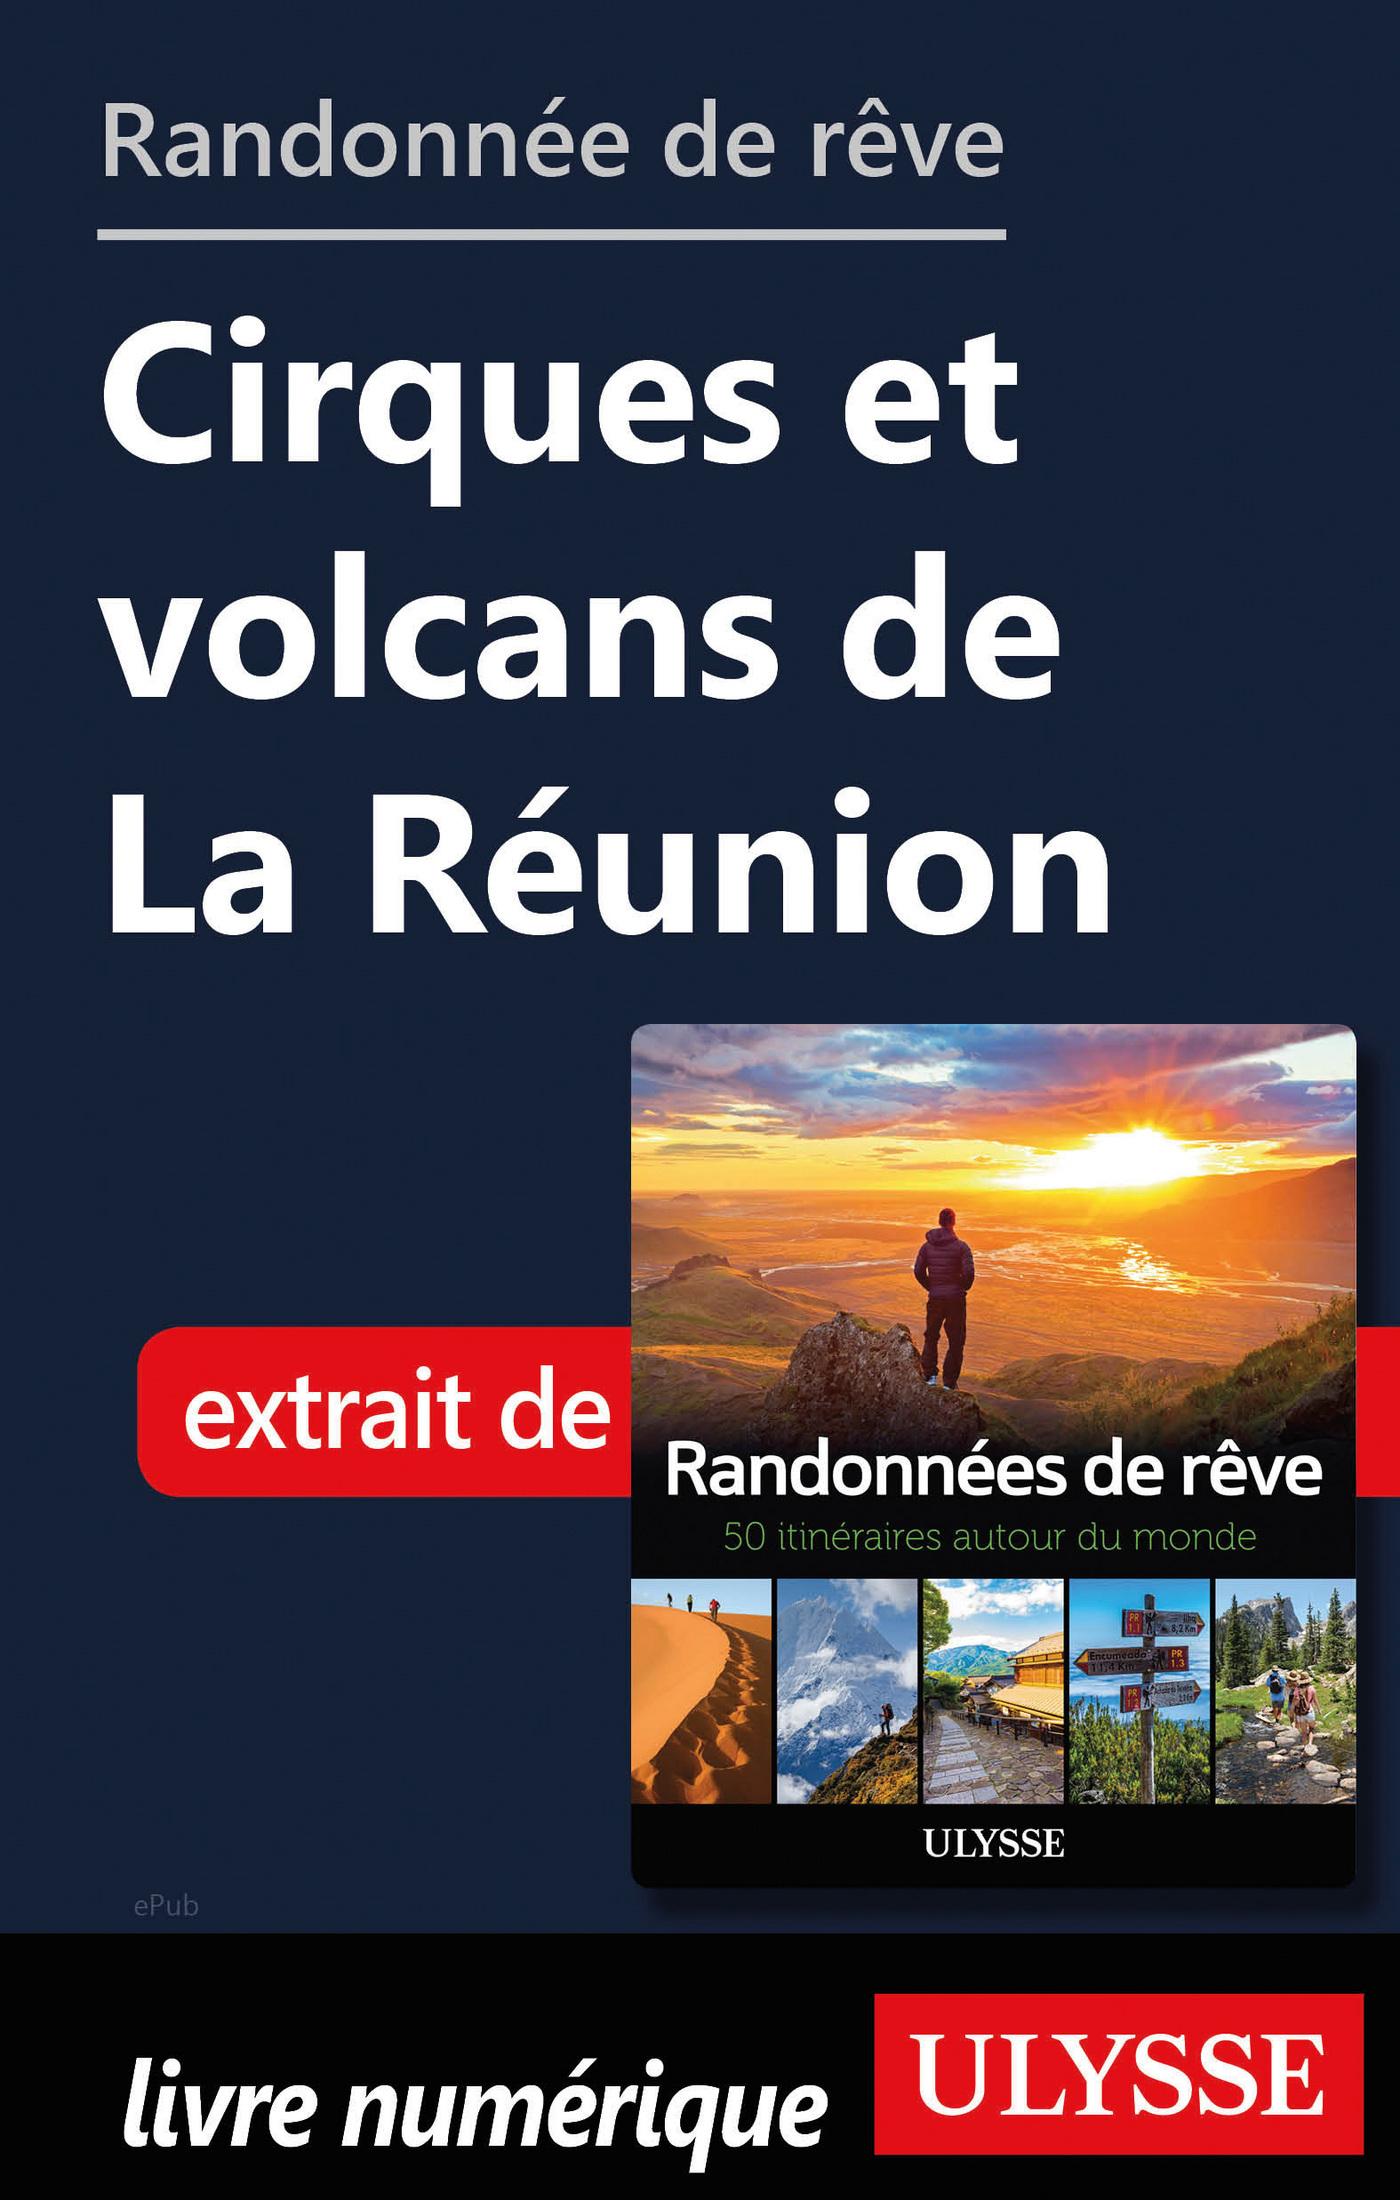 Randonnée de rêve - Cirques et volcans de La Réunion